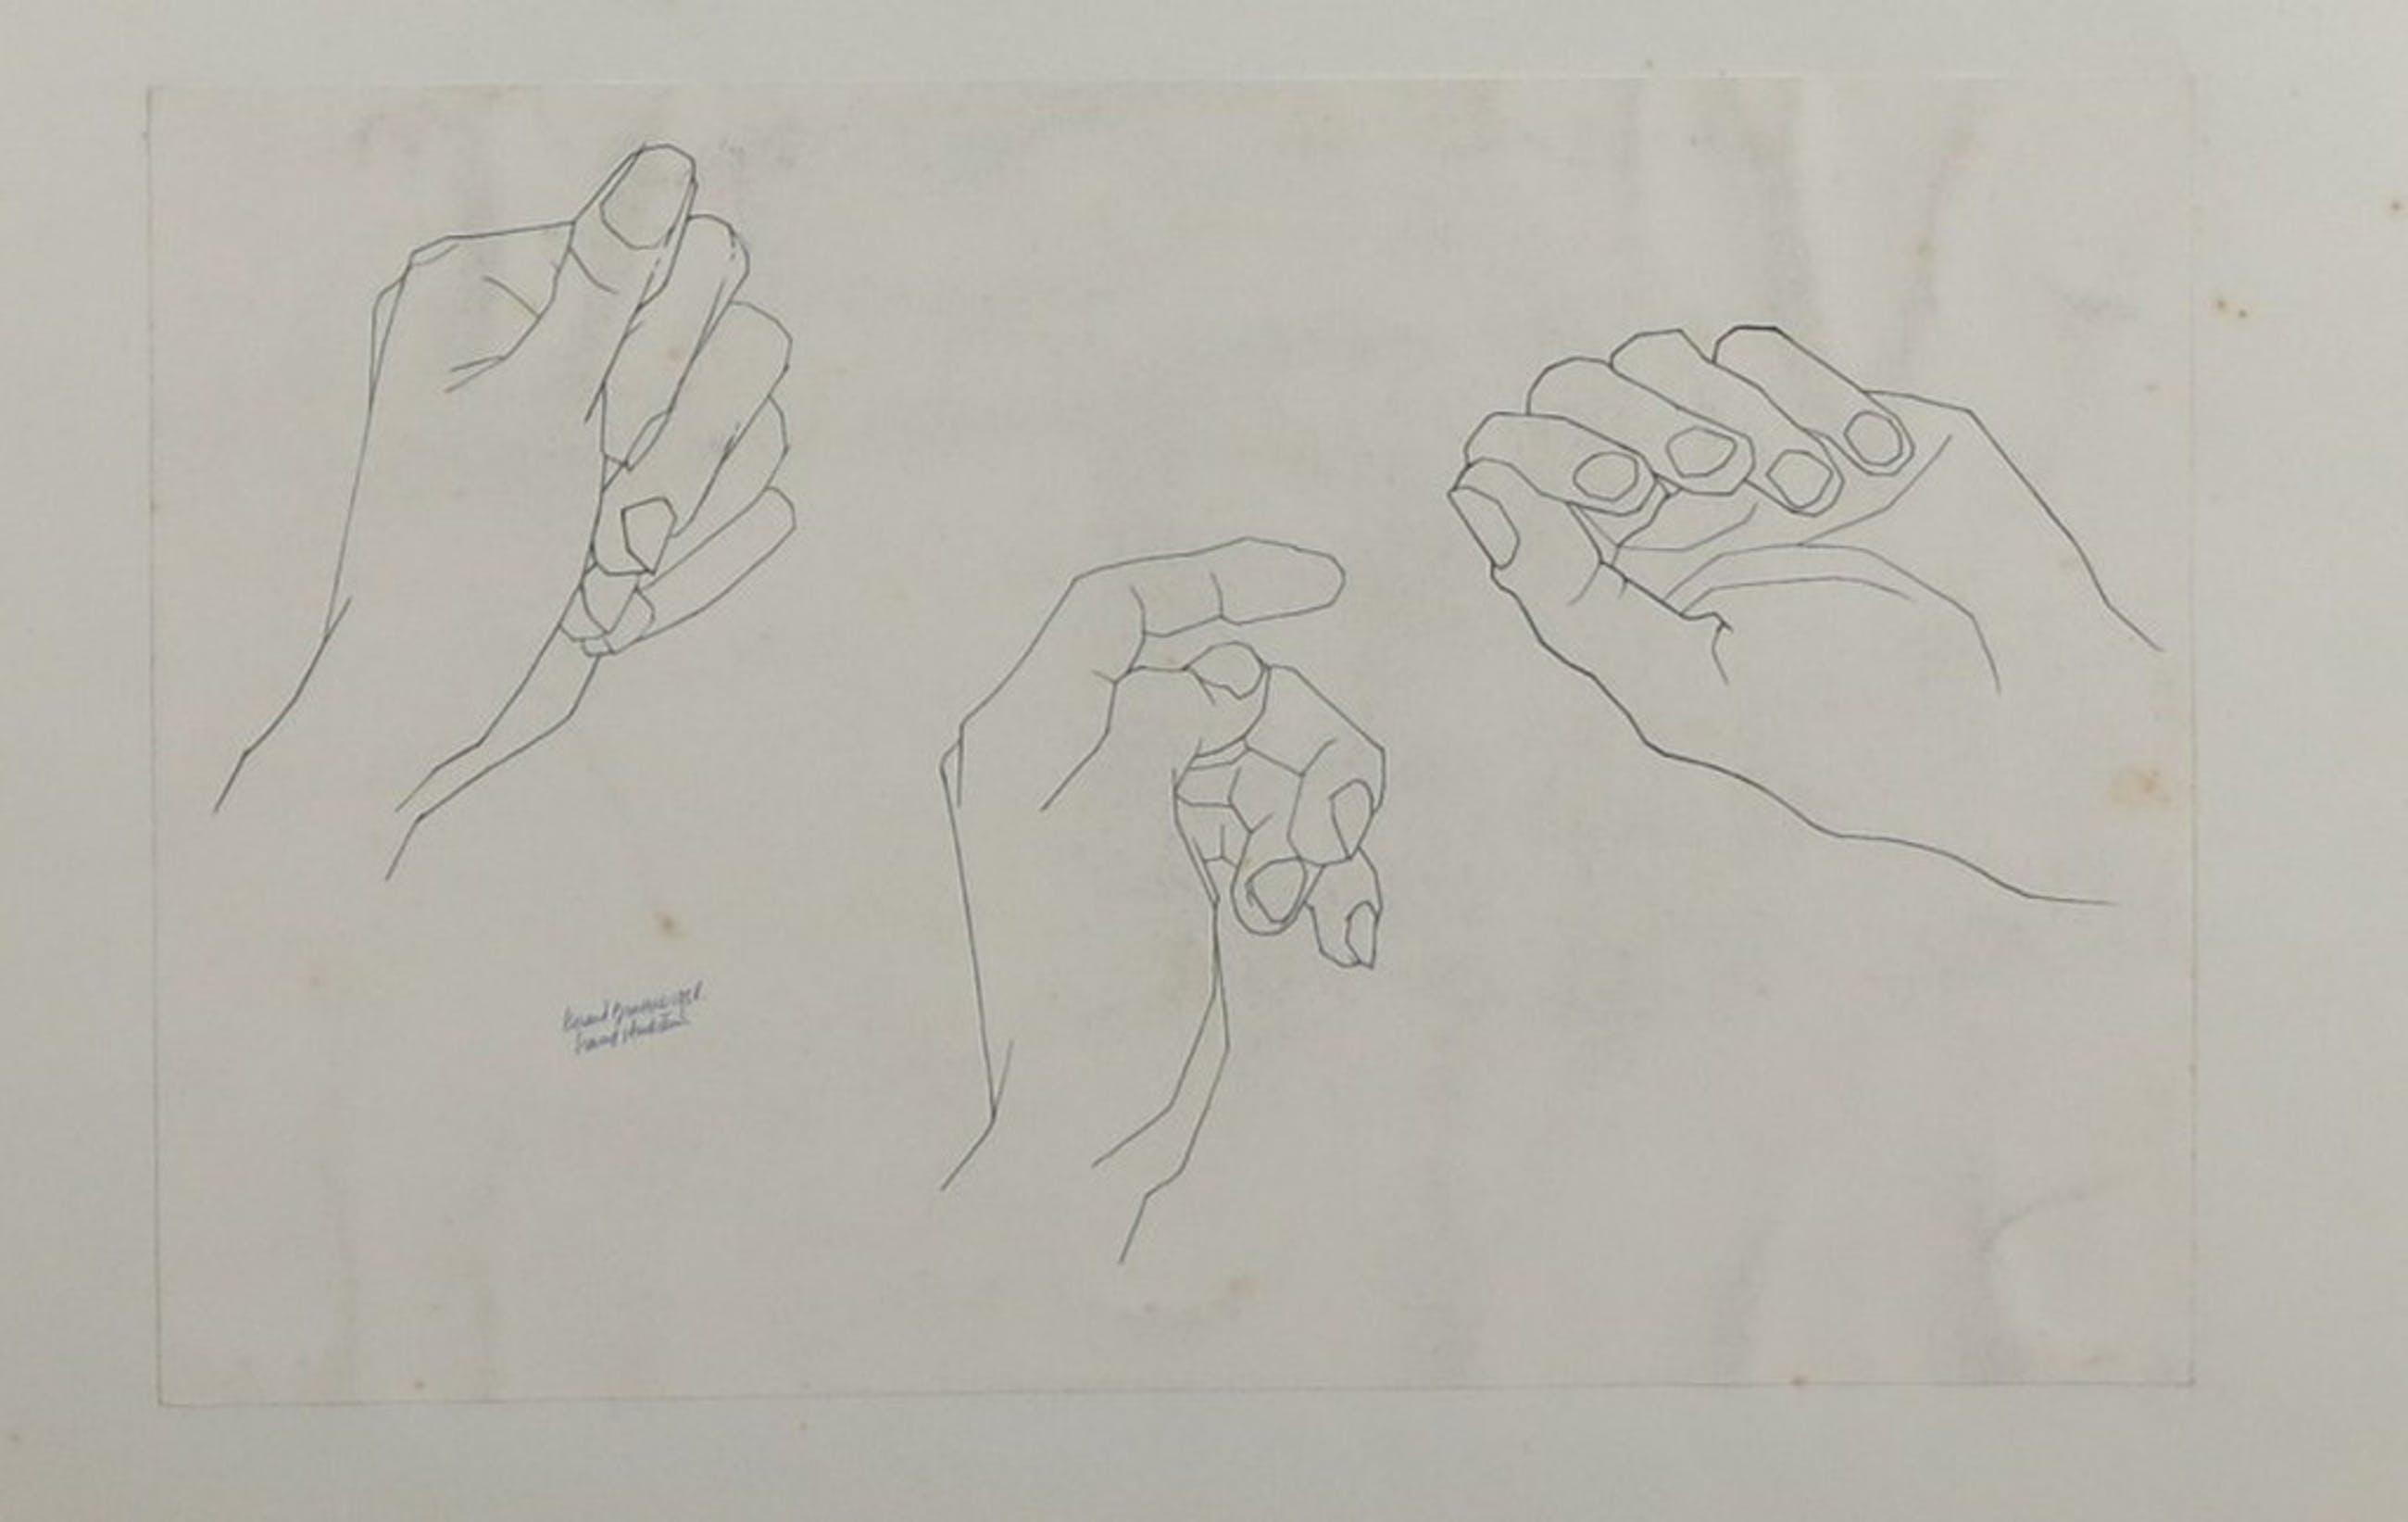 Gerard Brussee: 3 Inkt en potloodtekeningen, Handstudien  kopen? Bied vanaf 1!